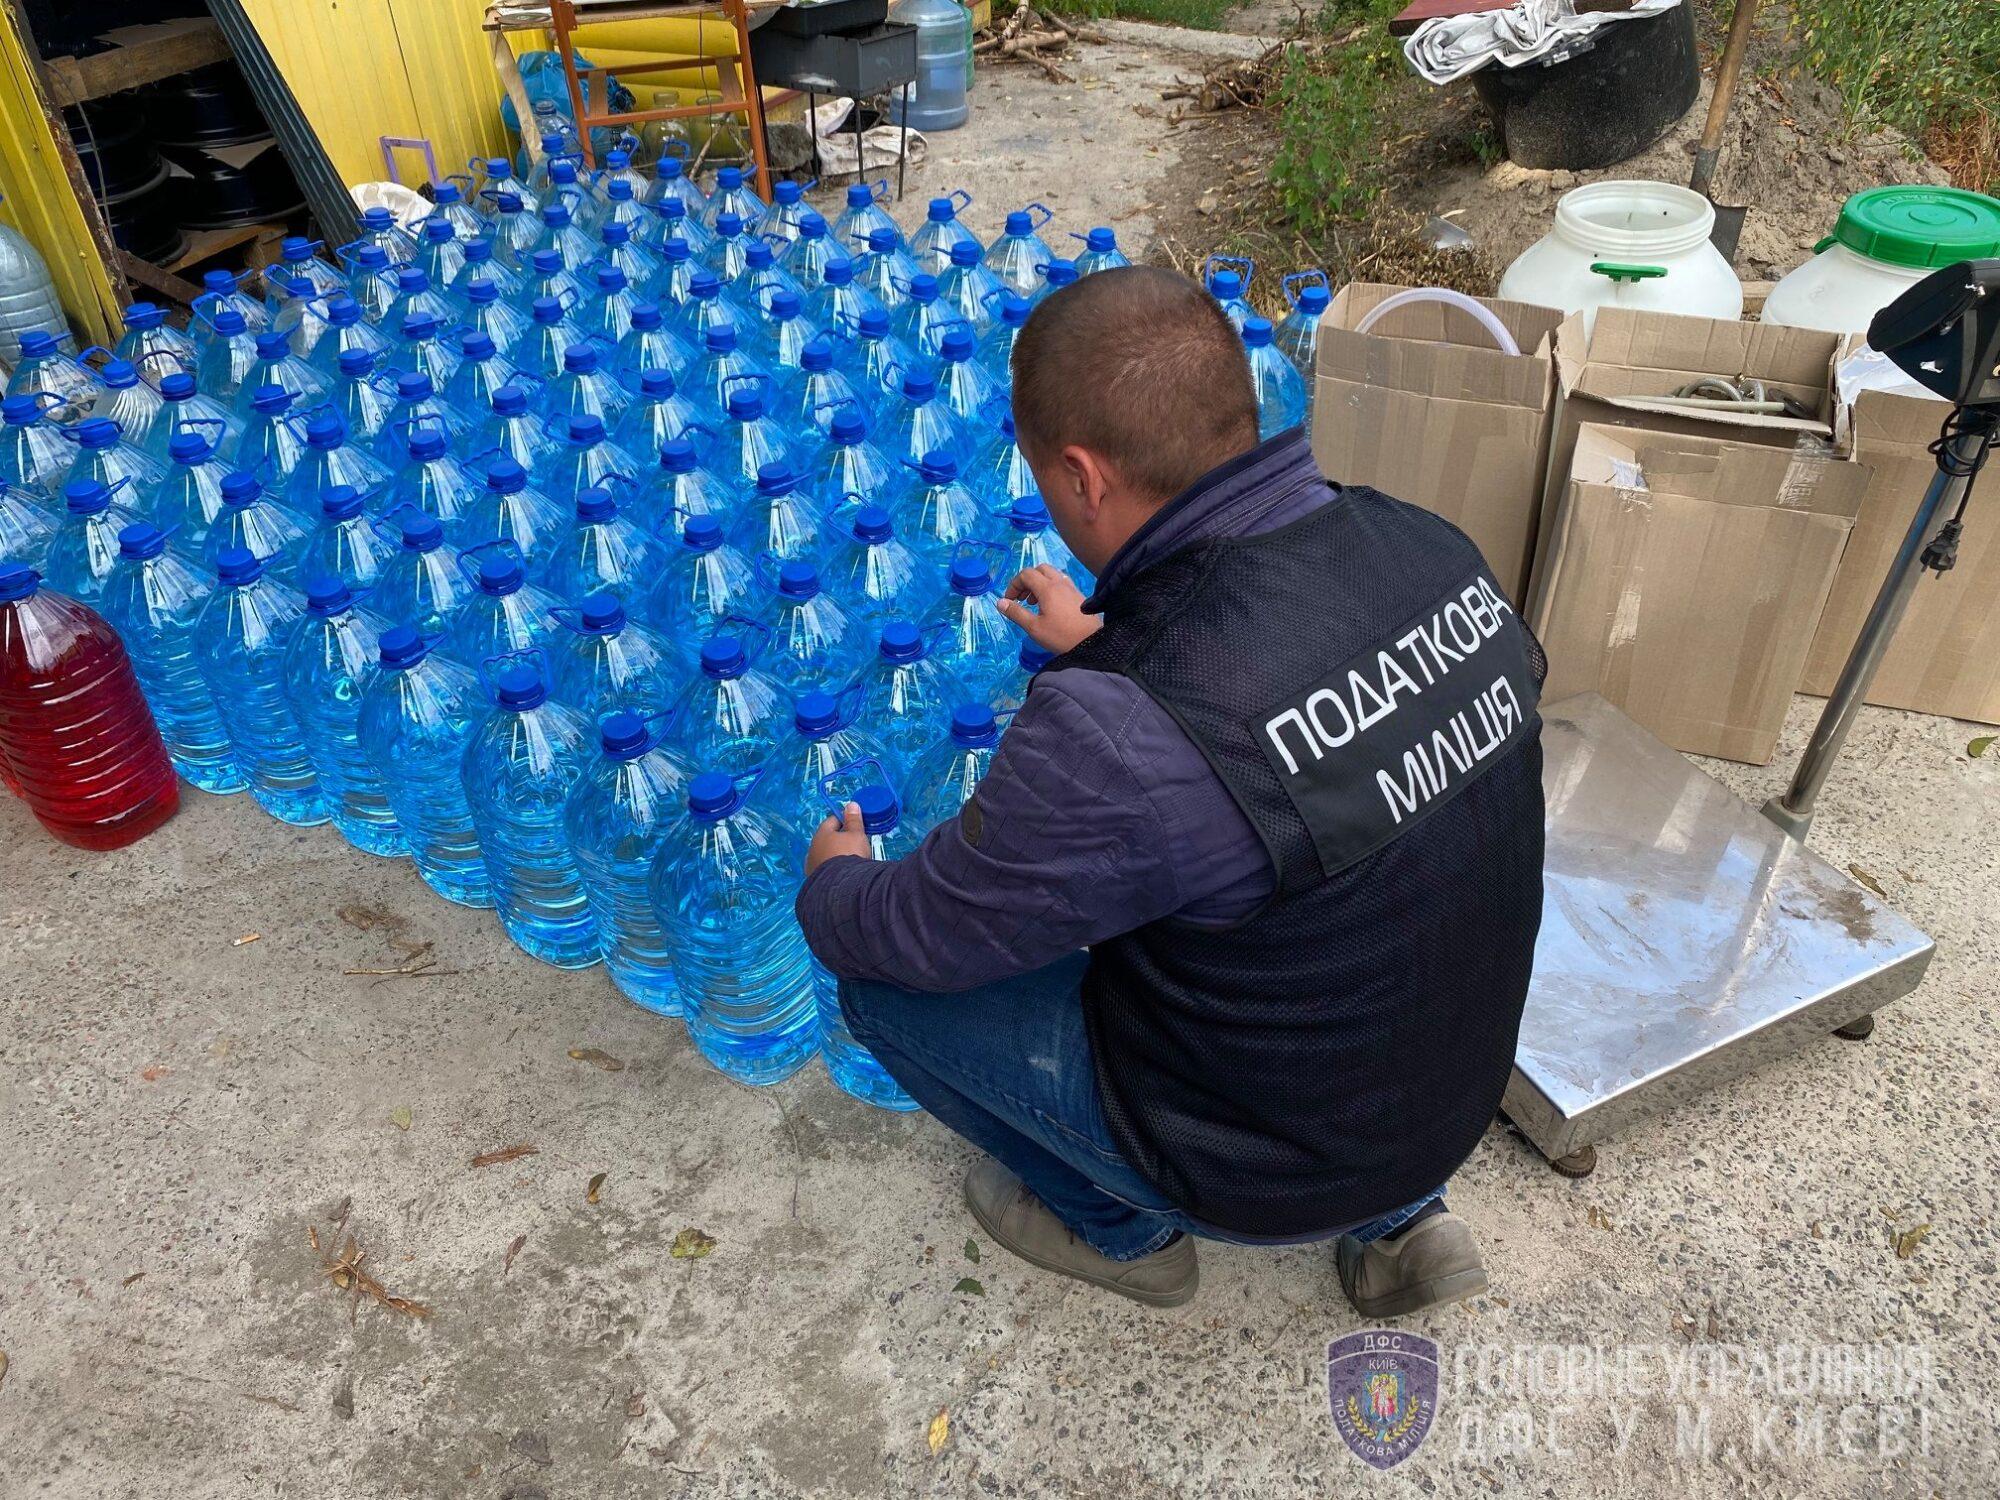 Кілька тонн фальсифікованого алкоголю: на Київщині діяв підпільний цех -  - 107636222 3416914851675814 5841849682862542515 o 2000x1500